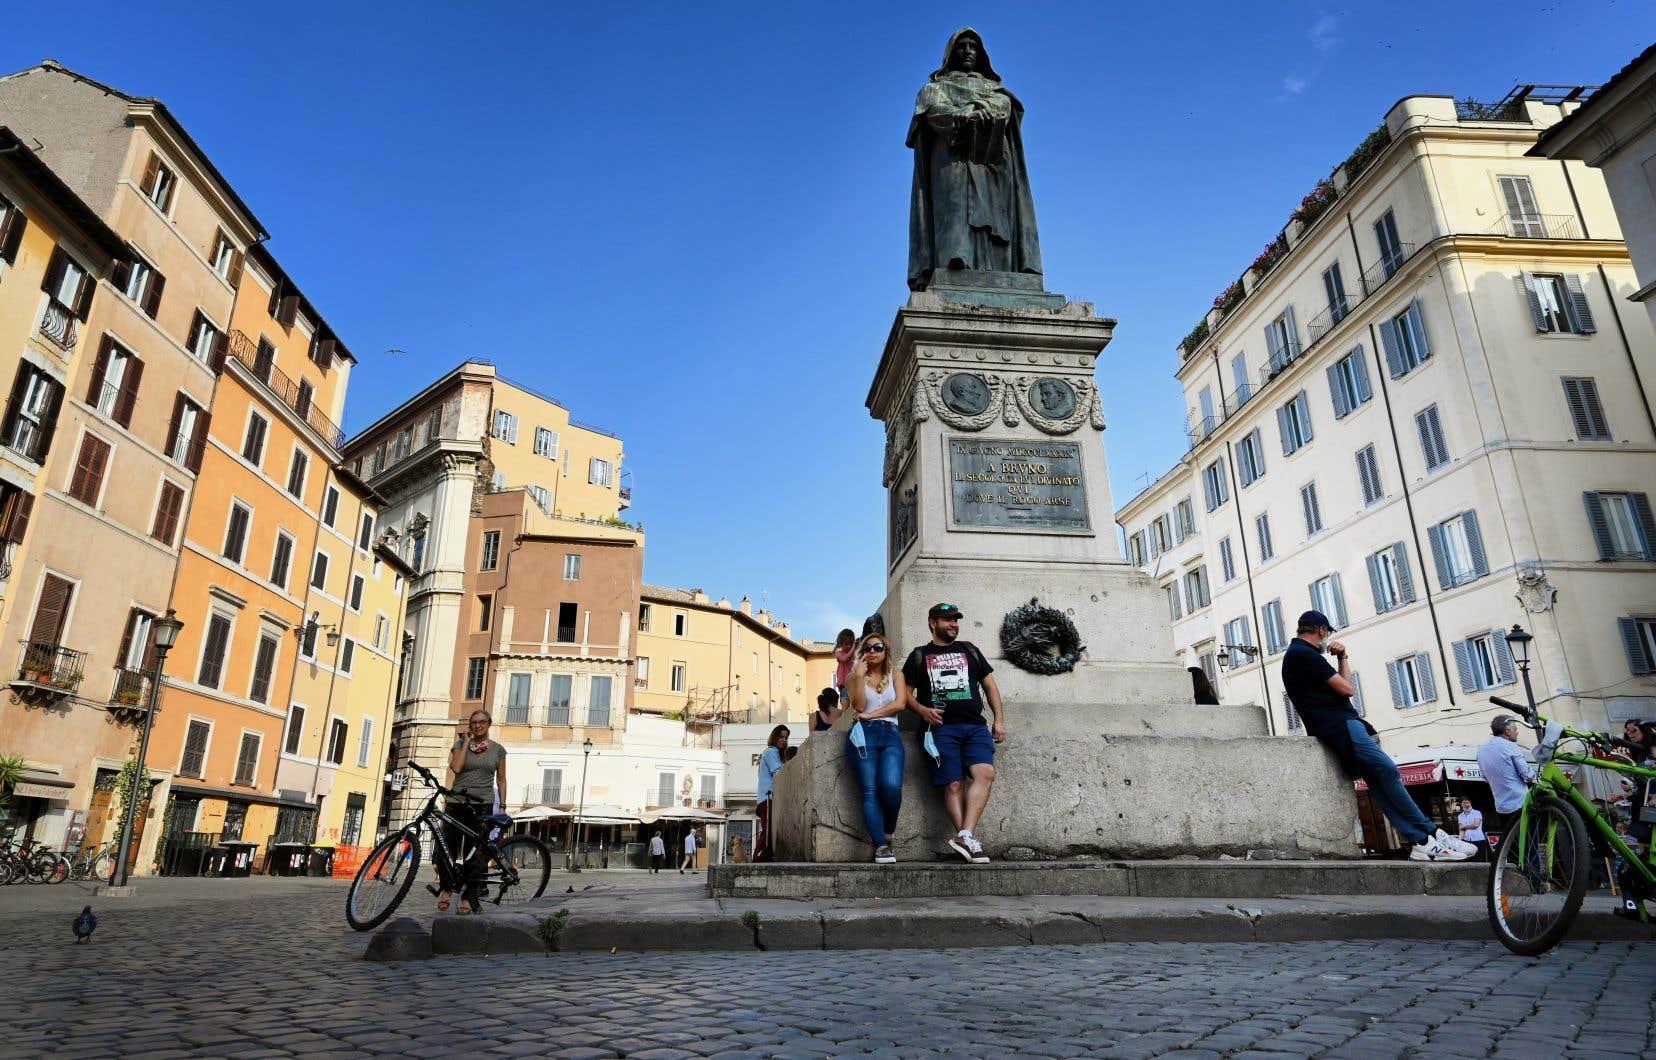 Premier pays à avoir confiné l'ensemble de sa population, l'Italie reste traumatisée, après deux mois d'enfermement, une économie à genoux et un lourd bilan humain.